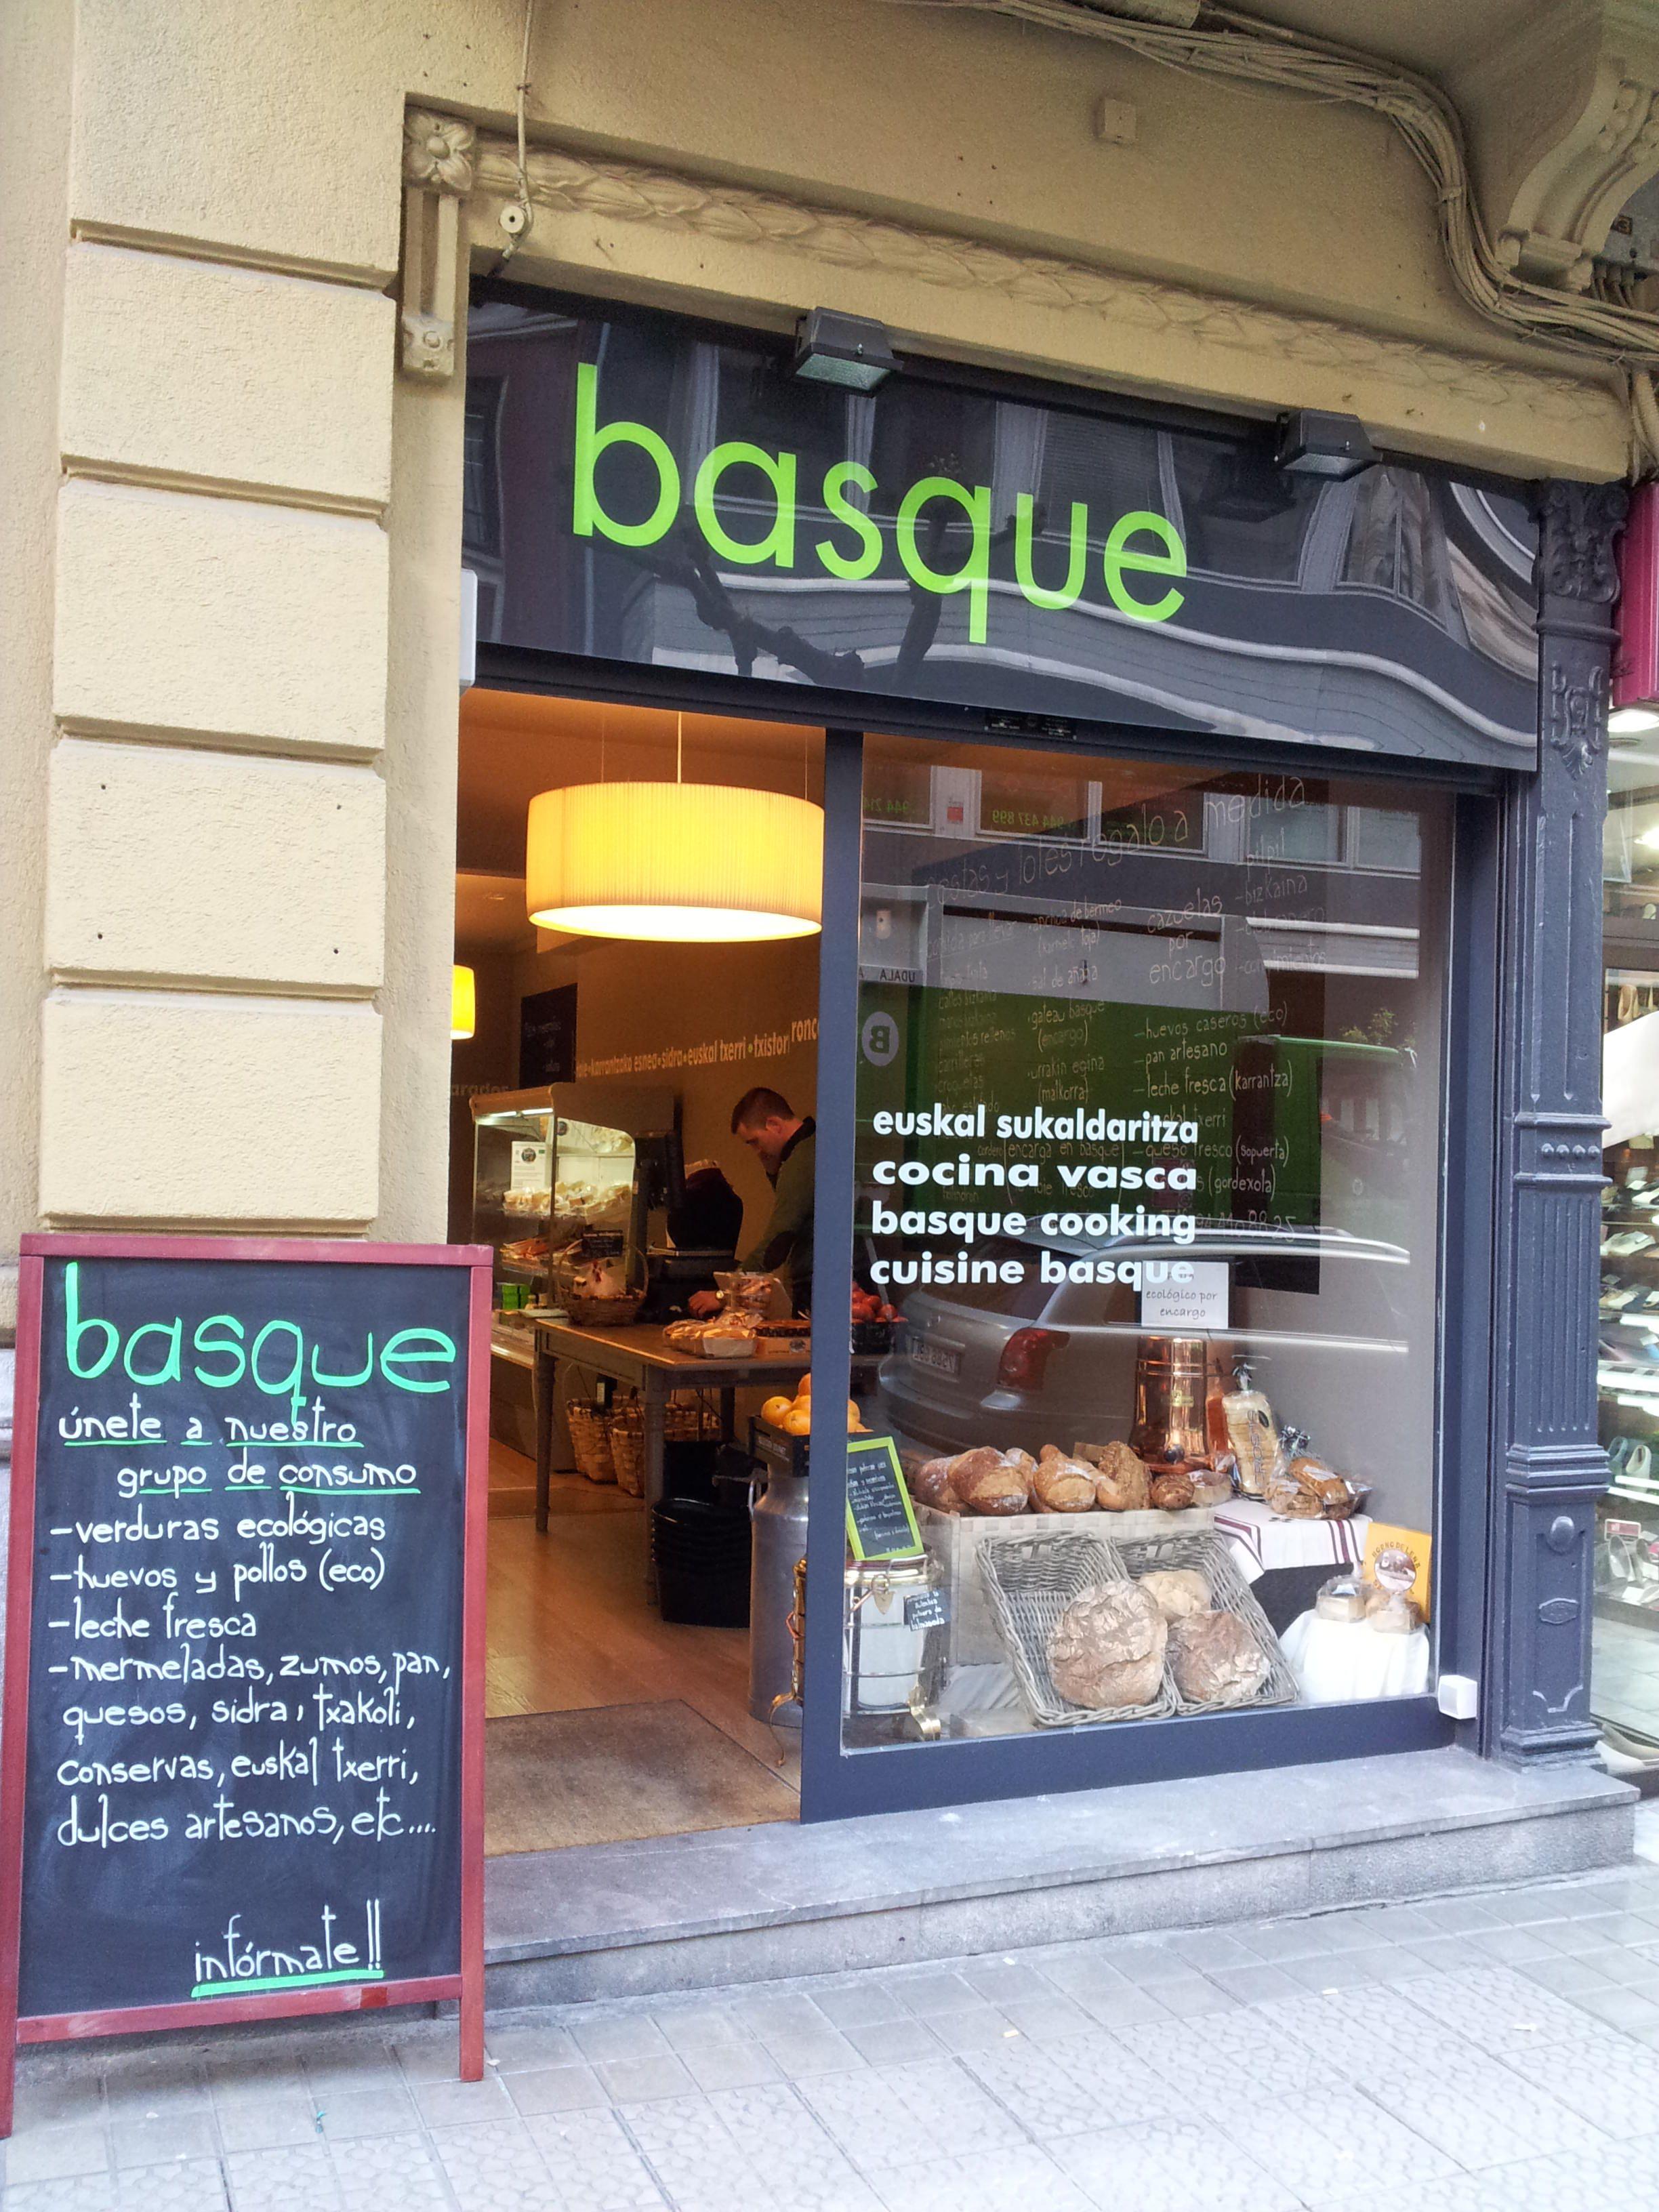 Tiendas gourmet bilbao cheap los locales de las tiendas for Cocina vasca pamplona